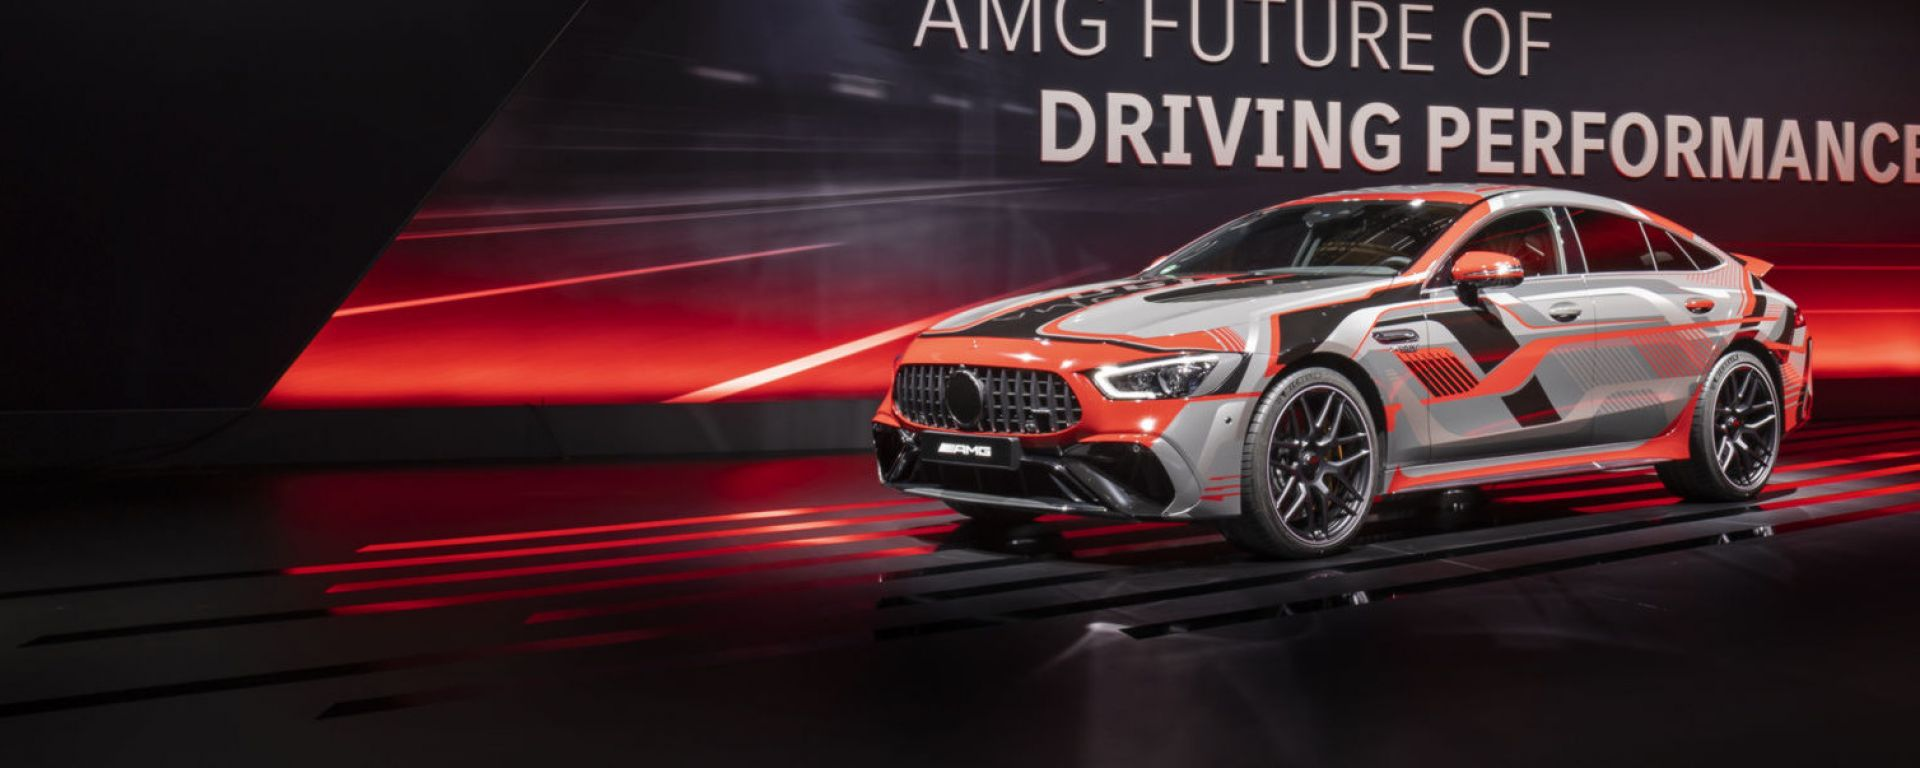 Mercedes-AMG: in arrivo nuovi modelli elettrificati